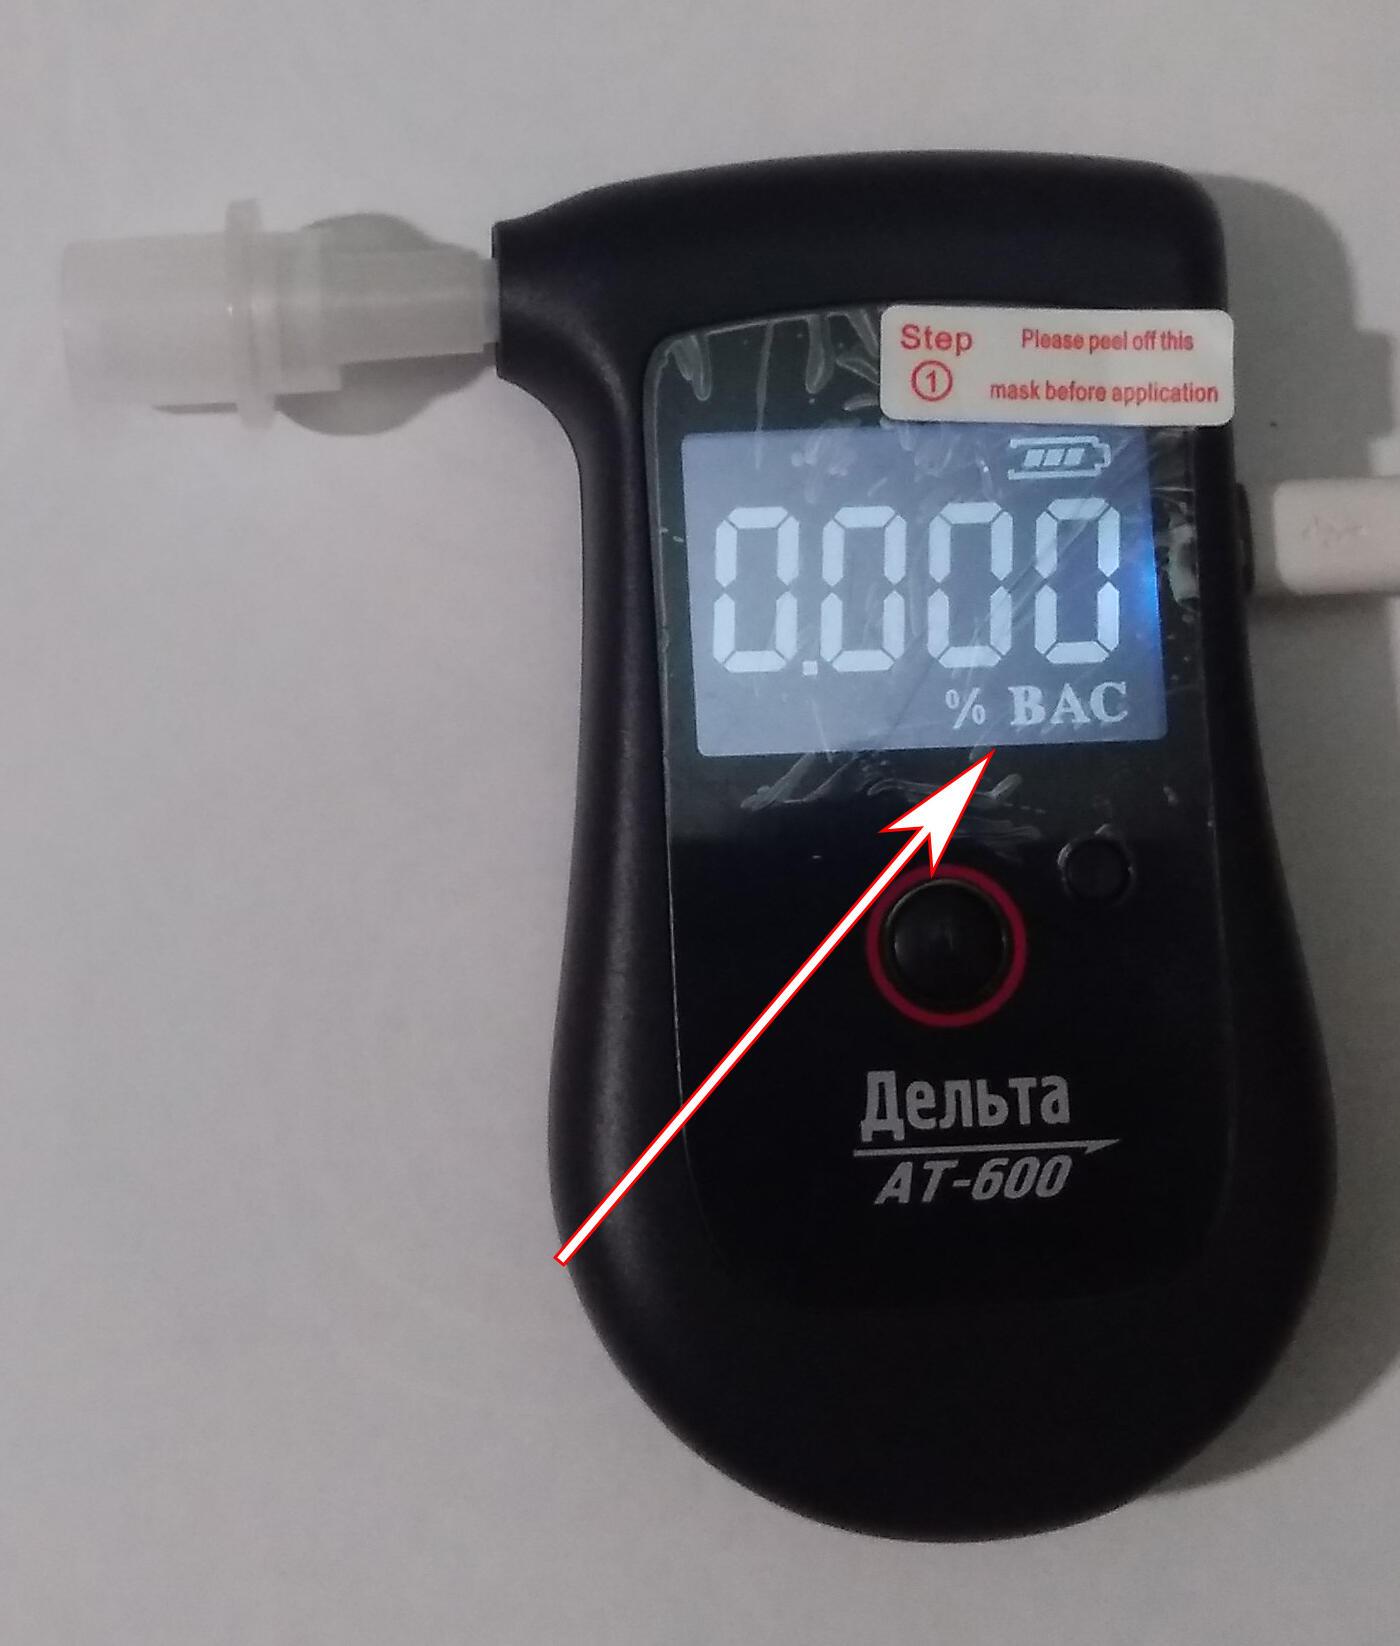 Personalnyy blog - Obzor alkotestera Delta AT-600